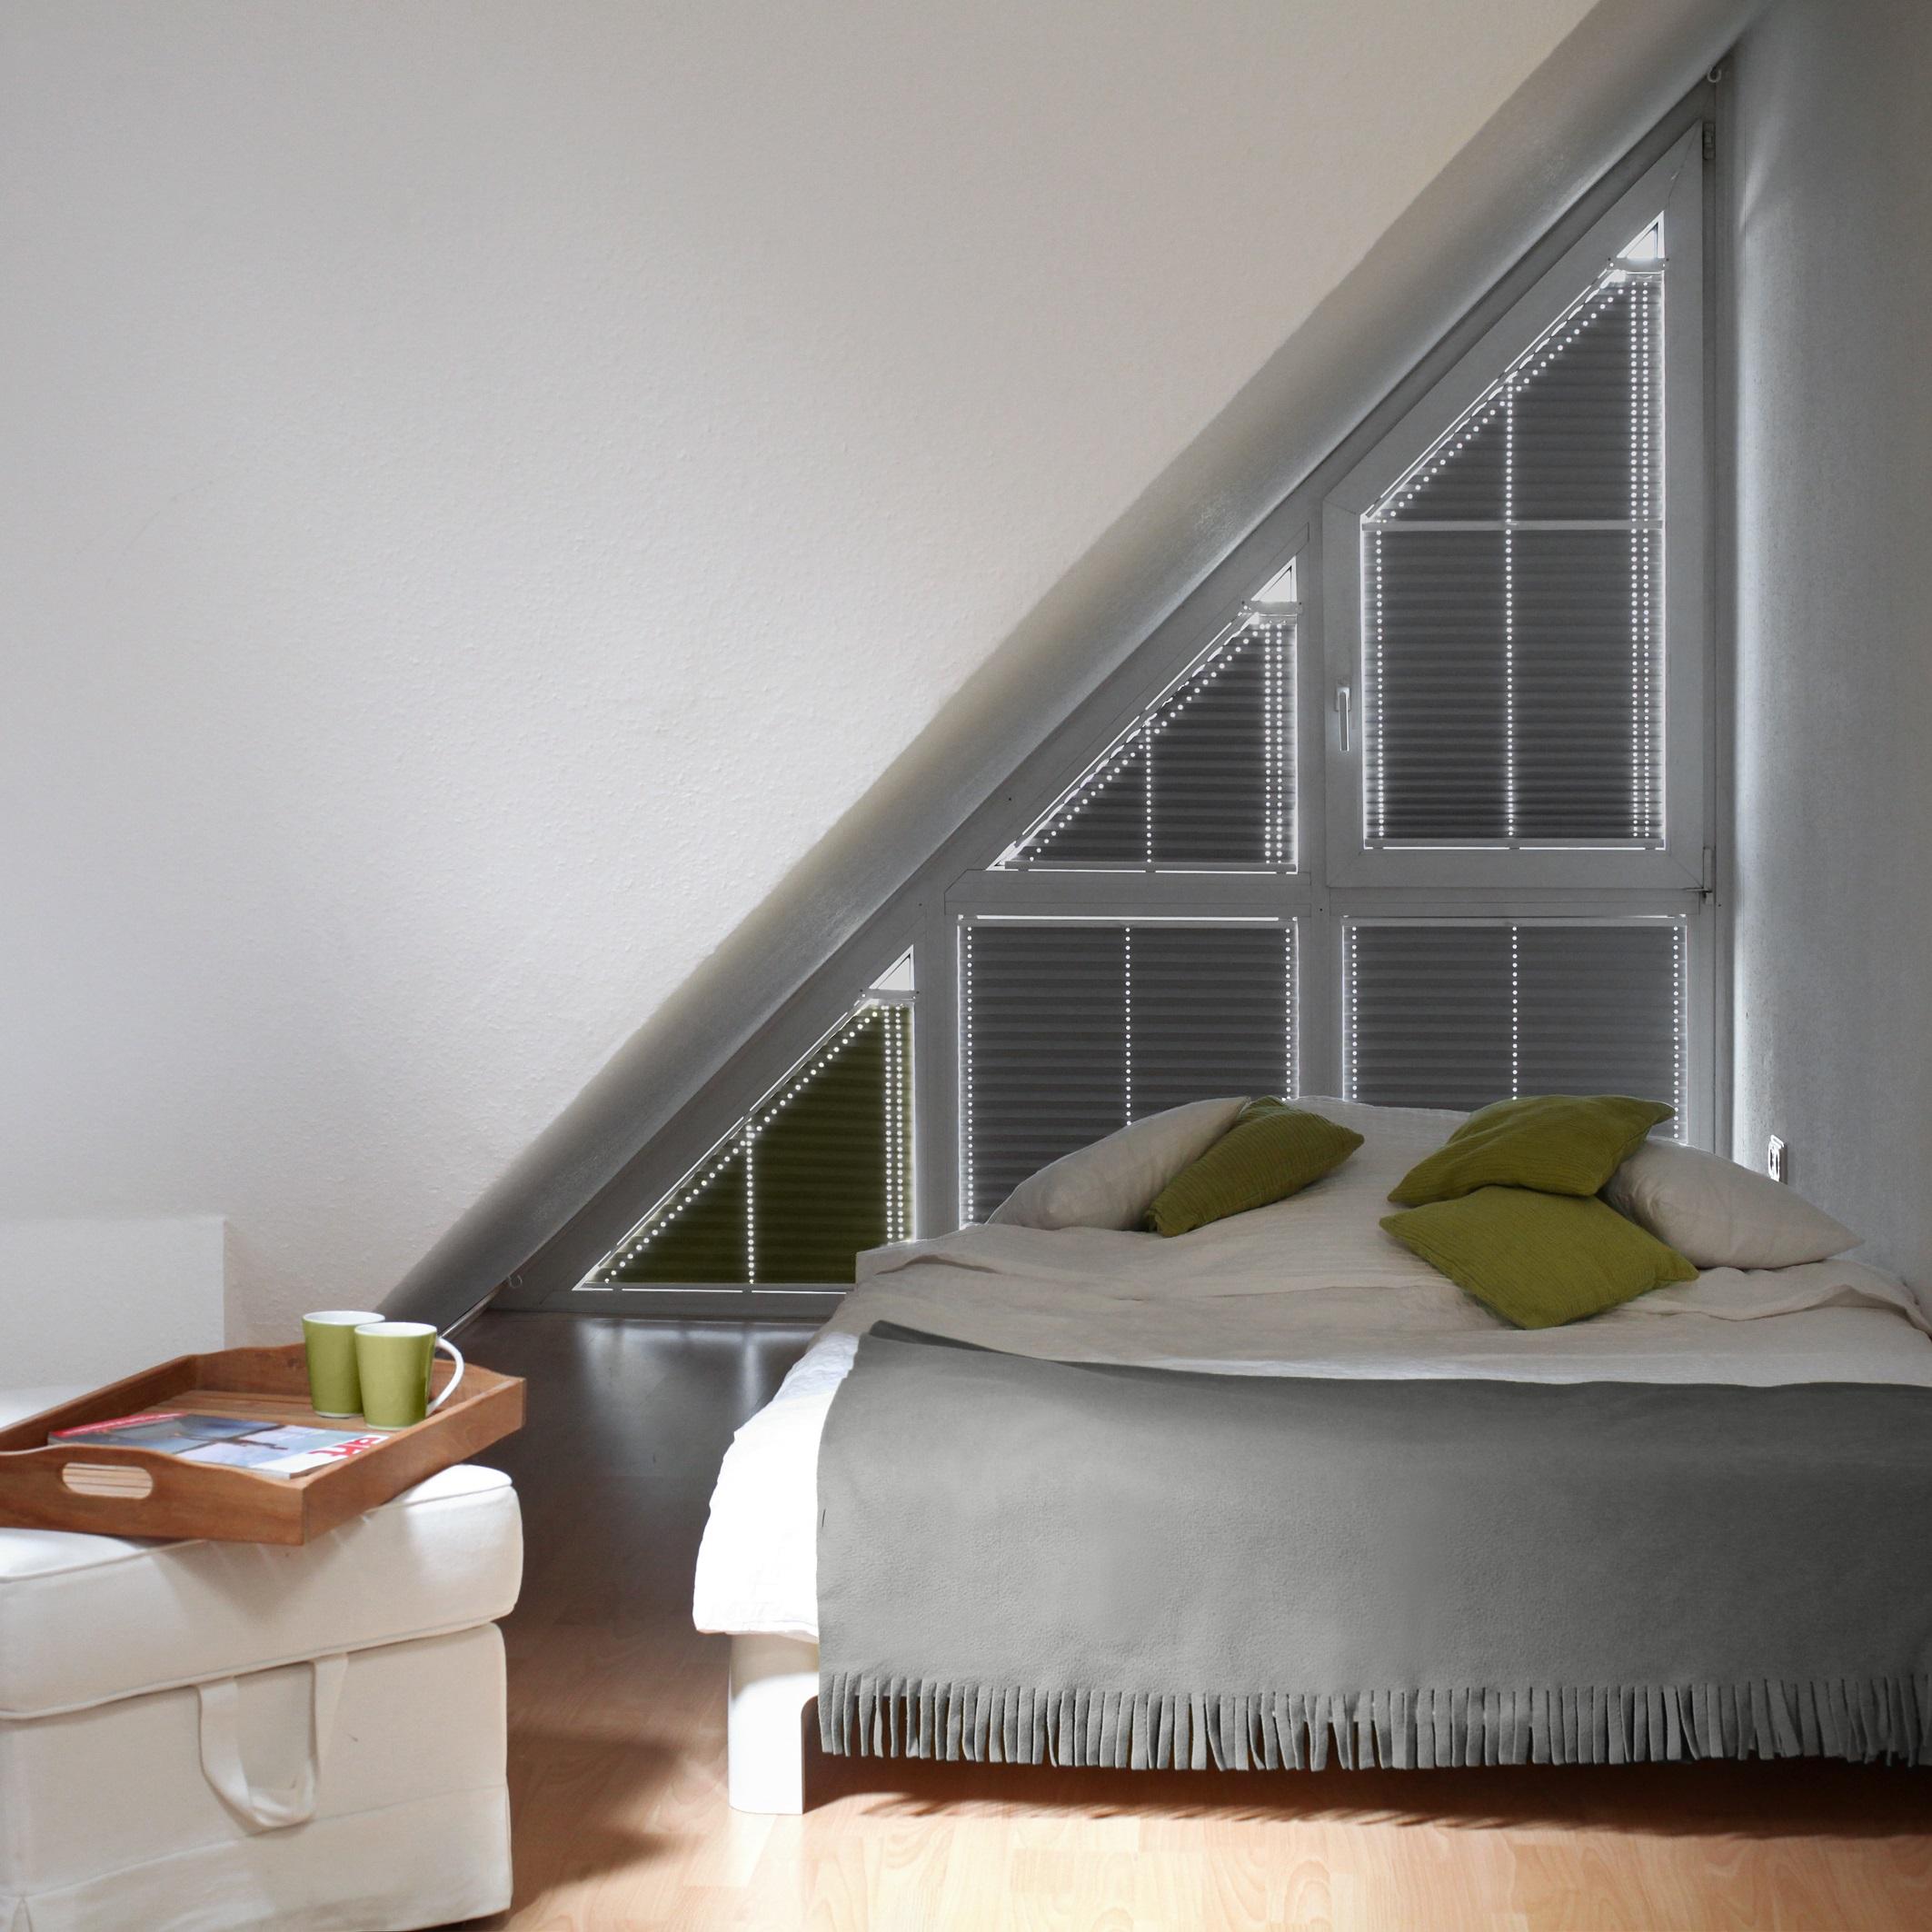 fotogalerie perfekter. Black Bedroom Furniture Sets. Home Design Ideas